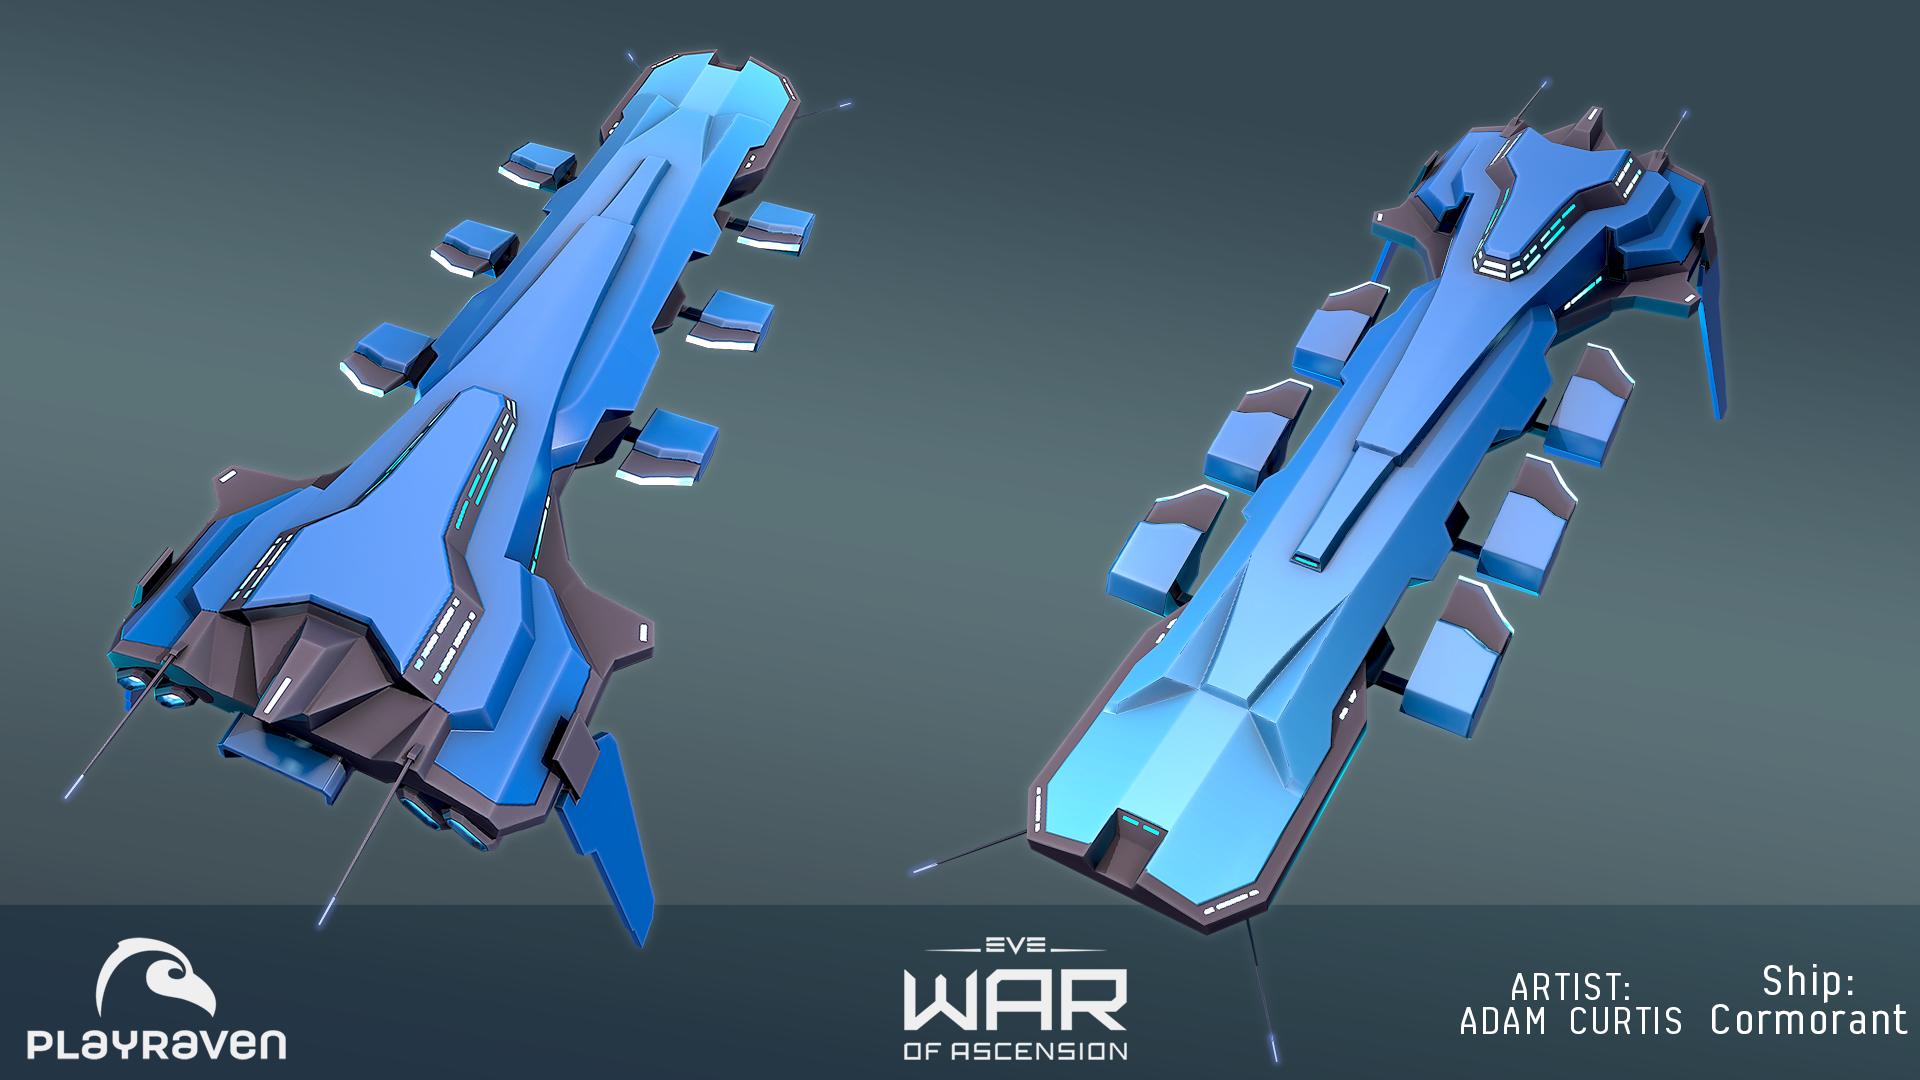 EVE: War of Ascension